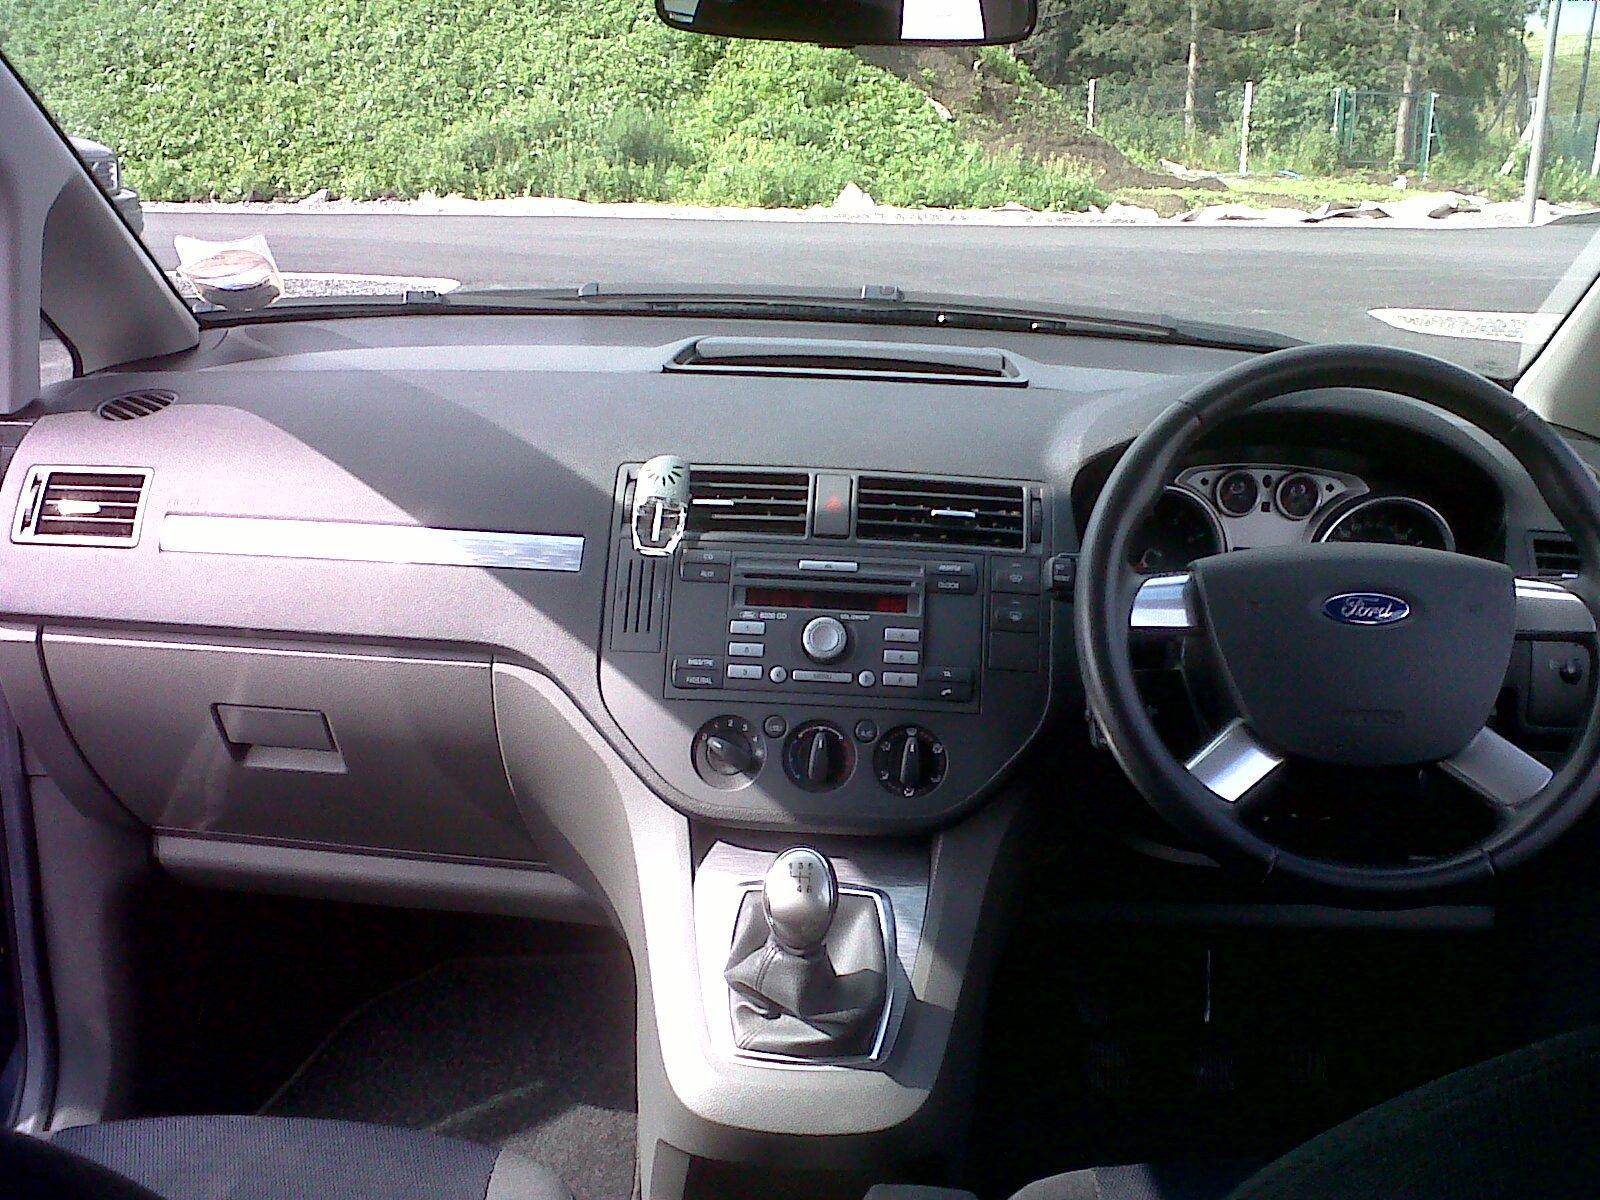 2008 - 57 - FORD C-MAX Zetec 1.8 16v (125 bhp)